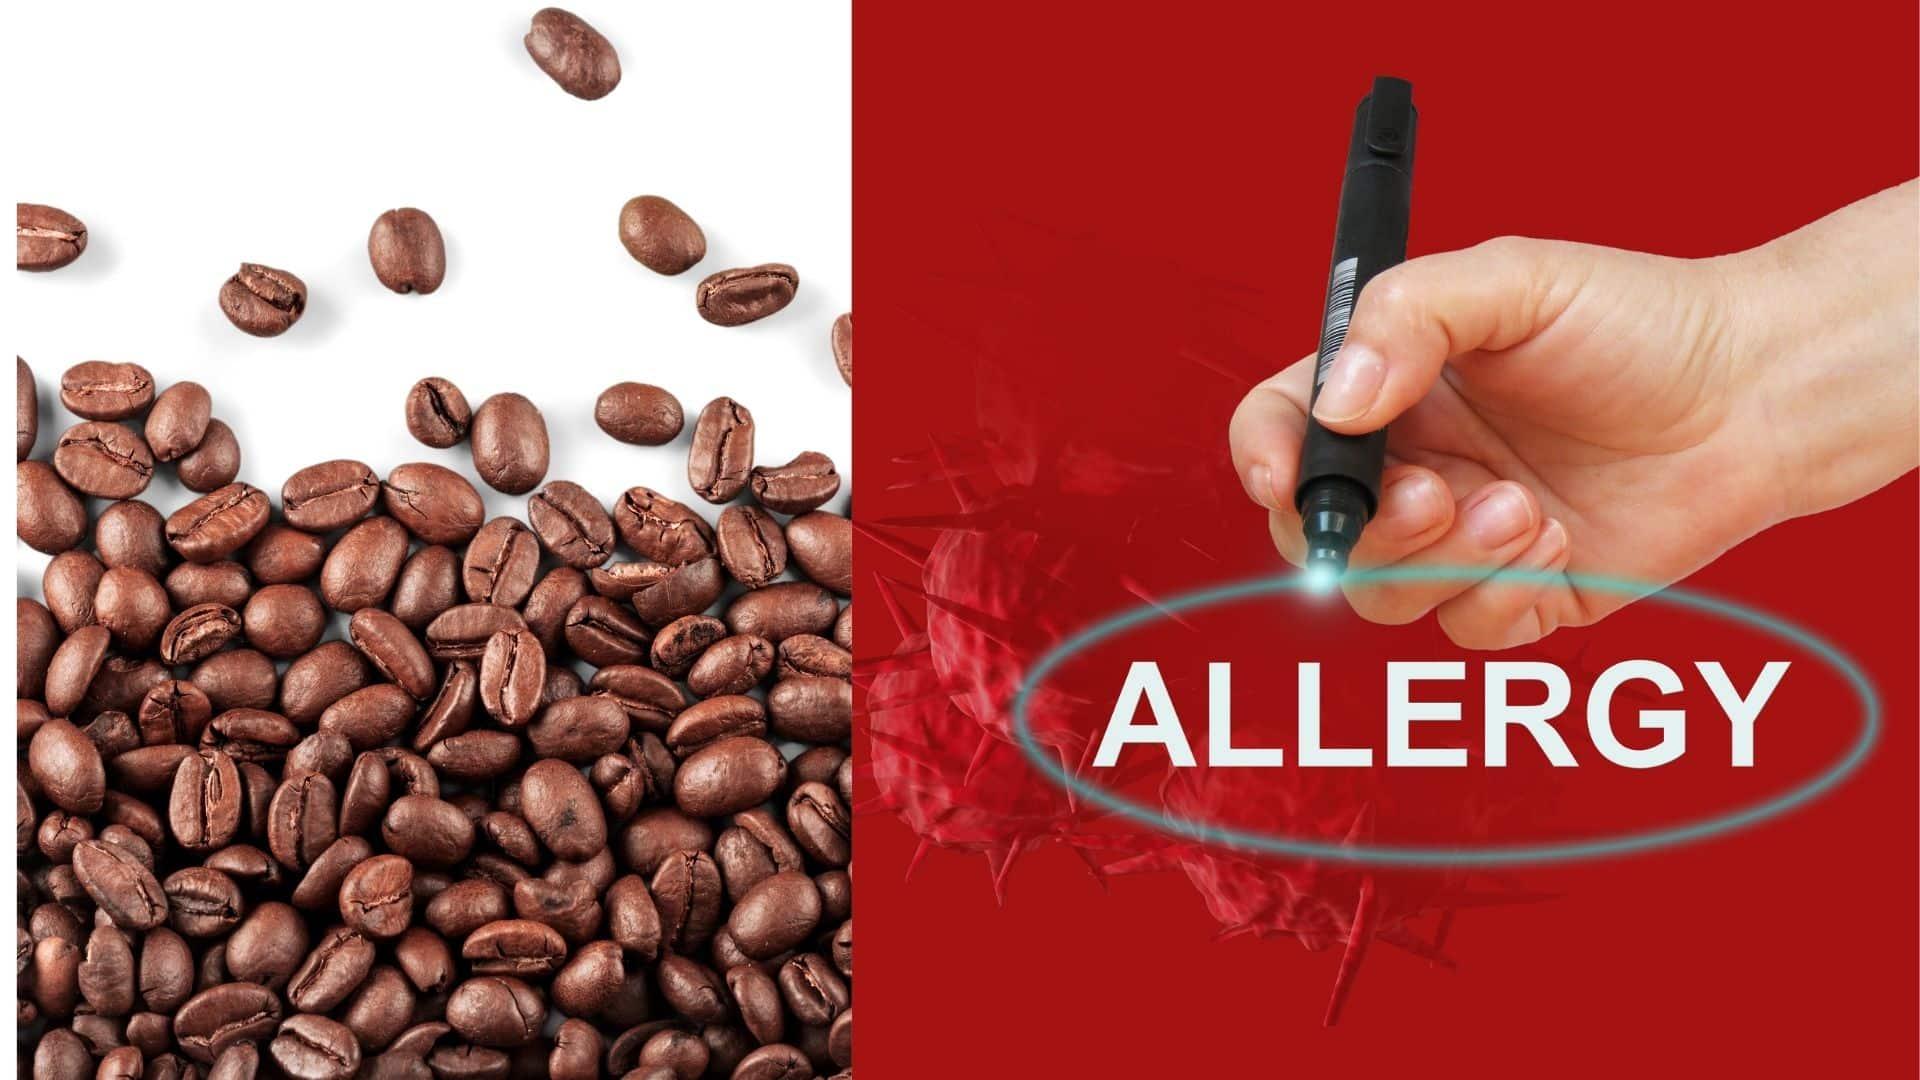 Gyakran rosszul érzi magát kávéfogyasztás után? Lehet, hogy allergiásnak gondolod, de valószínű, hogy valami másról van szó. Az amerikaiaknak csak körülbelül 4 százalékának van ételallergiája. A legtöbb ember valószínűleg tapasztalja az úgynevezett ételérzékenységet, ami hasonló tüneteket okozhat. Itt van, amit tudnia kell, ha gyanítja, hogy kávé allergia tünetei, vagy érzékeny lehet a kávéra.